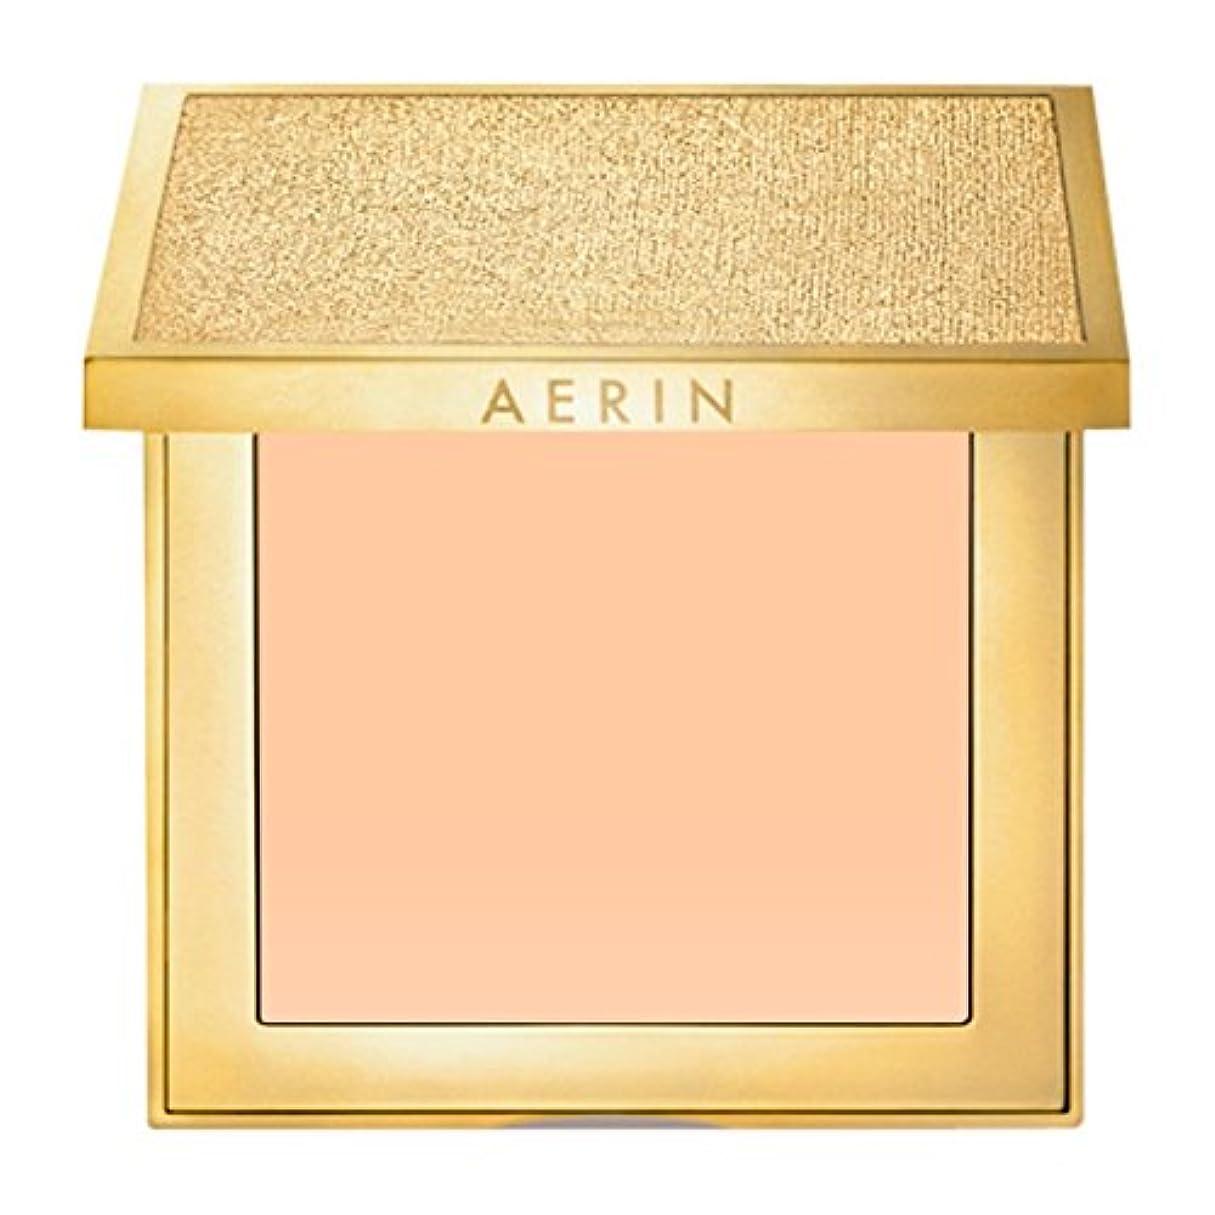 が欲しいブローひもAerin新鮮な肌コンパクトメイクアップレベル1 (AERIN) (x2) - AERIN Fresh Skin Compact Makeup Level 1 (Pack of 2) [並行輸入品]